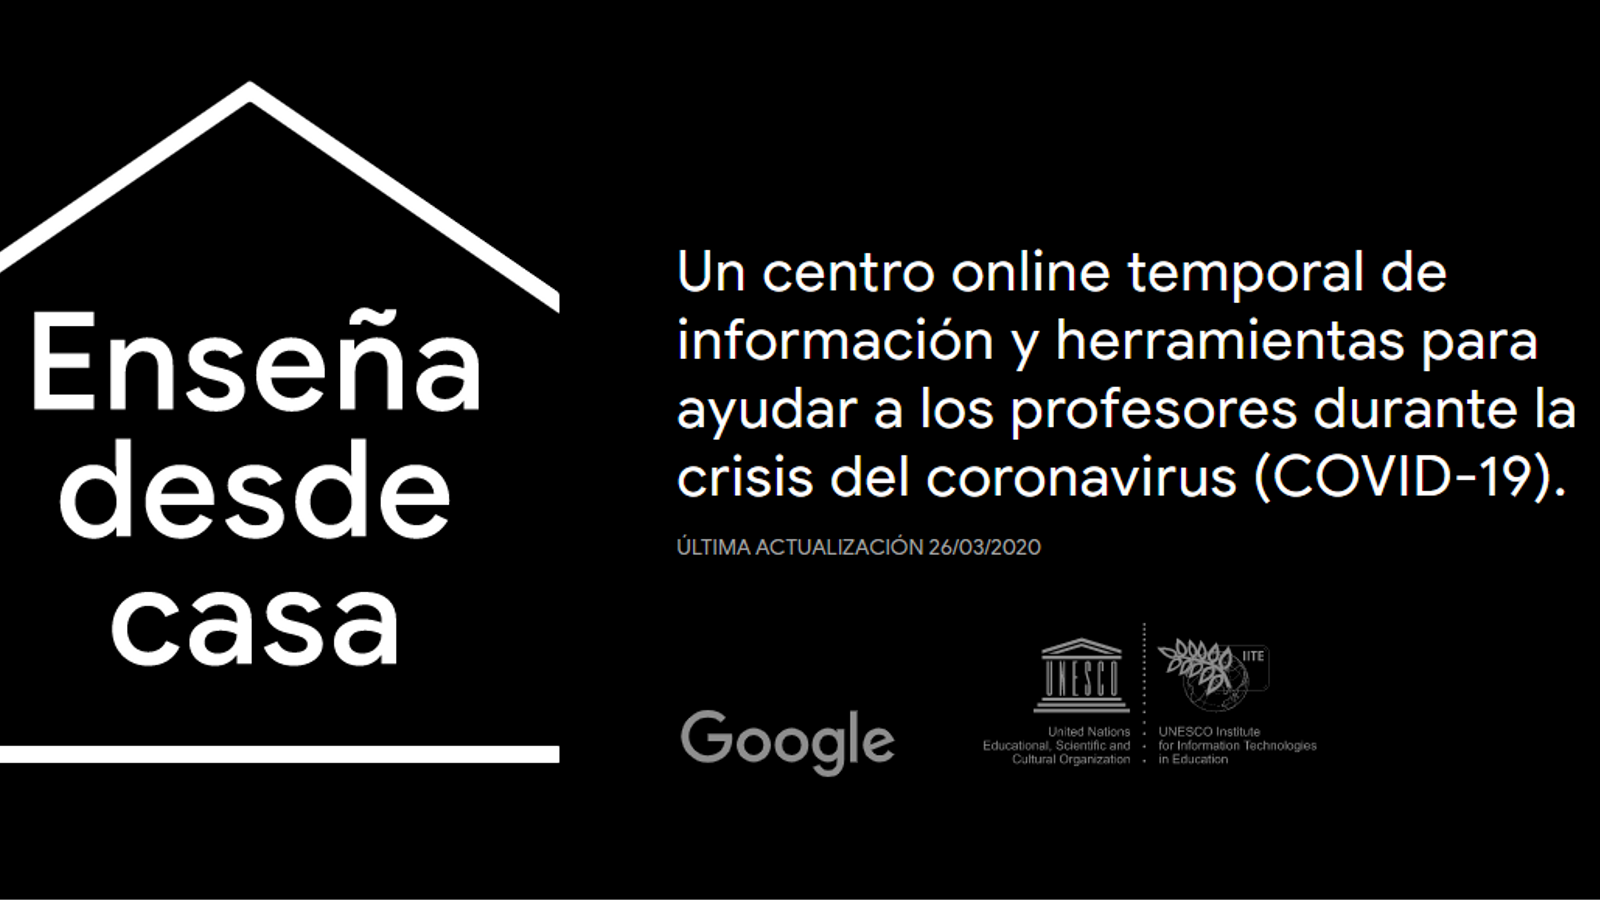 El centre de recursos d'educació a distància que ha posat en marxa Google amb el suport de la UNESCO